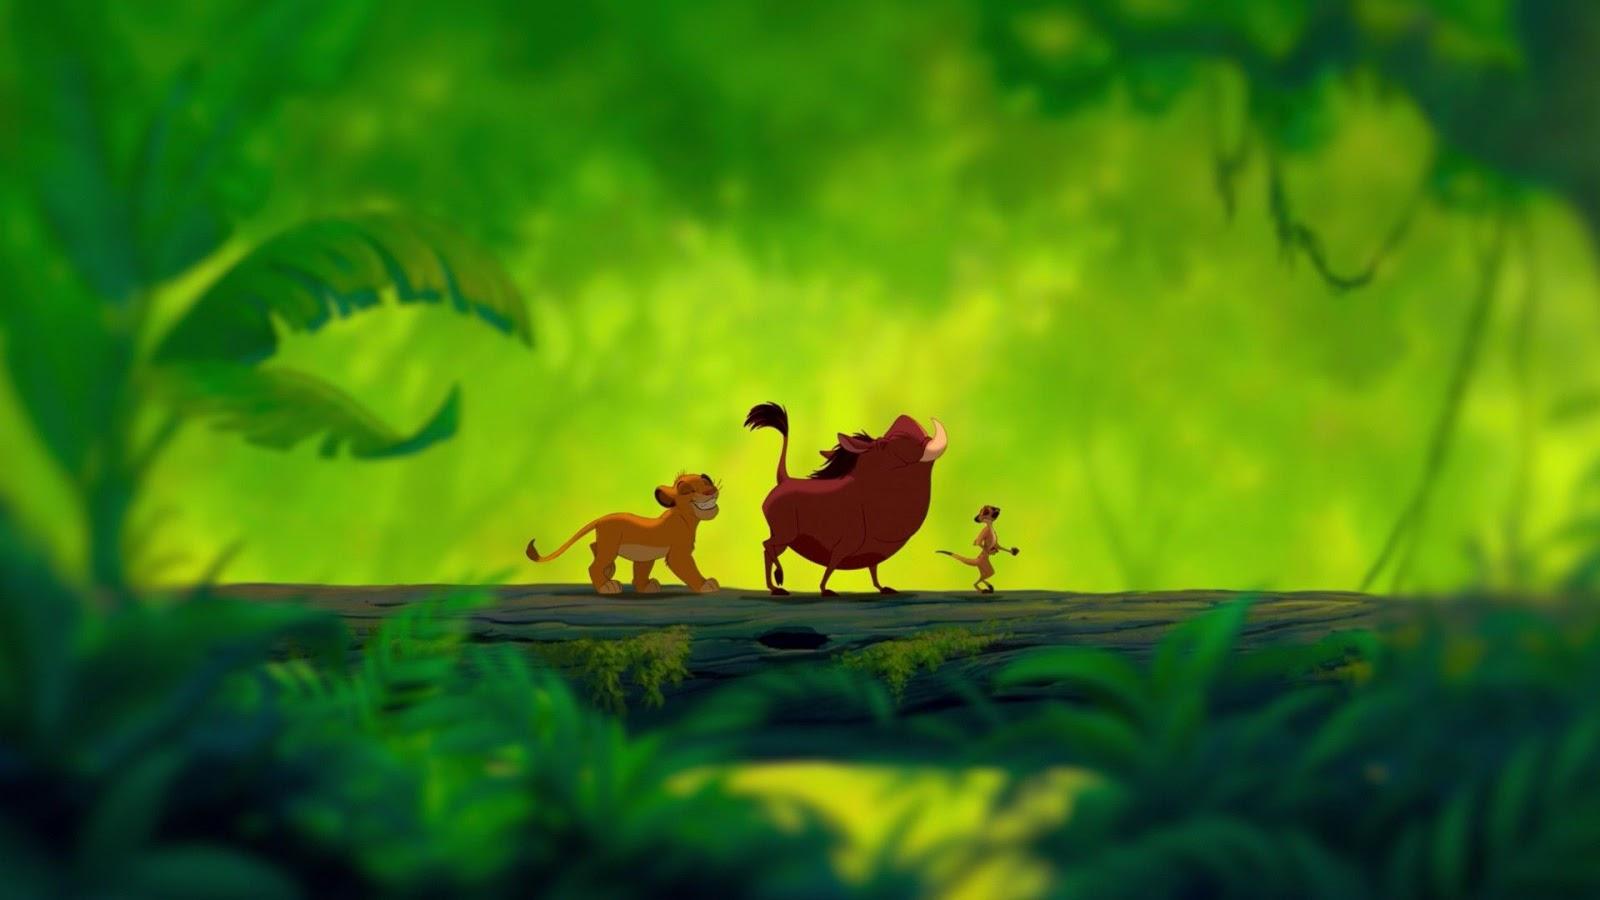 Фильме: последняя игра 2014 смотреть онлайн мультфильм Подскажите, как называется